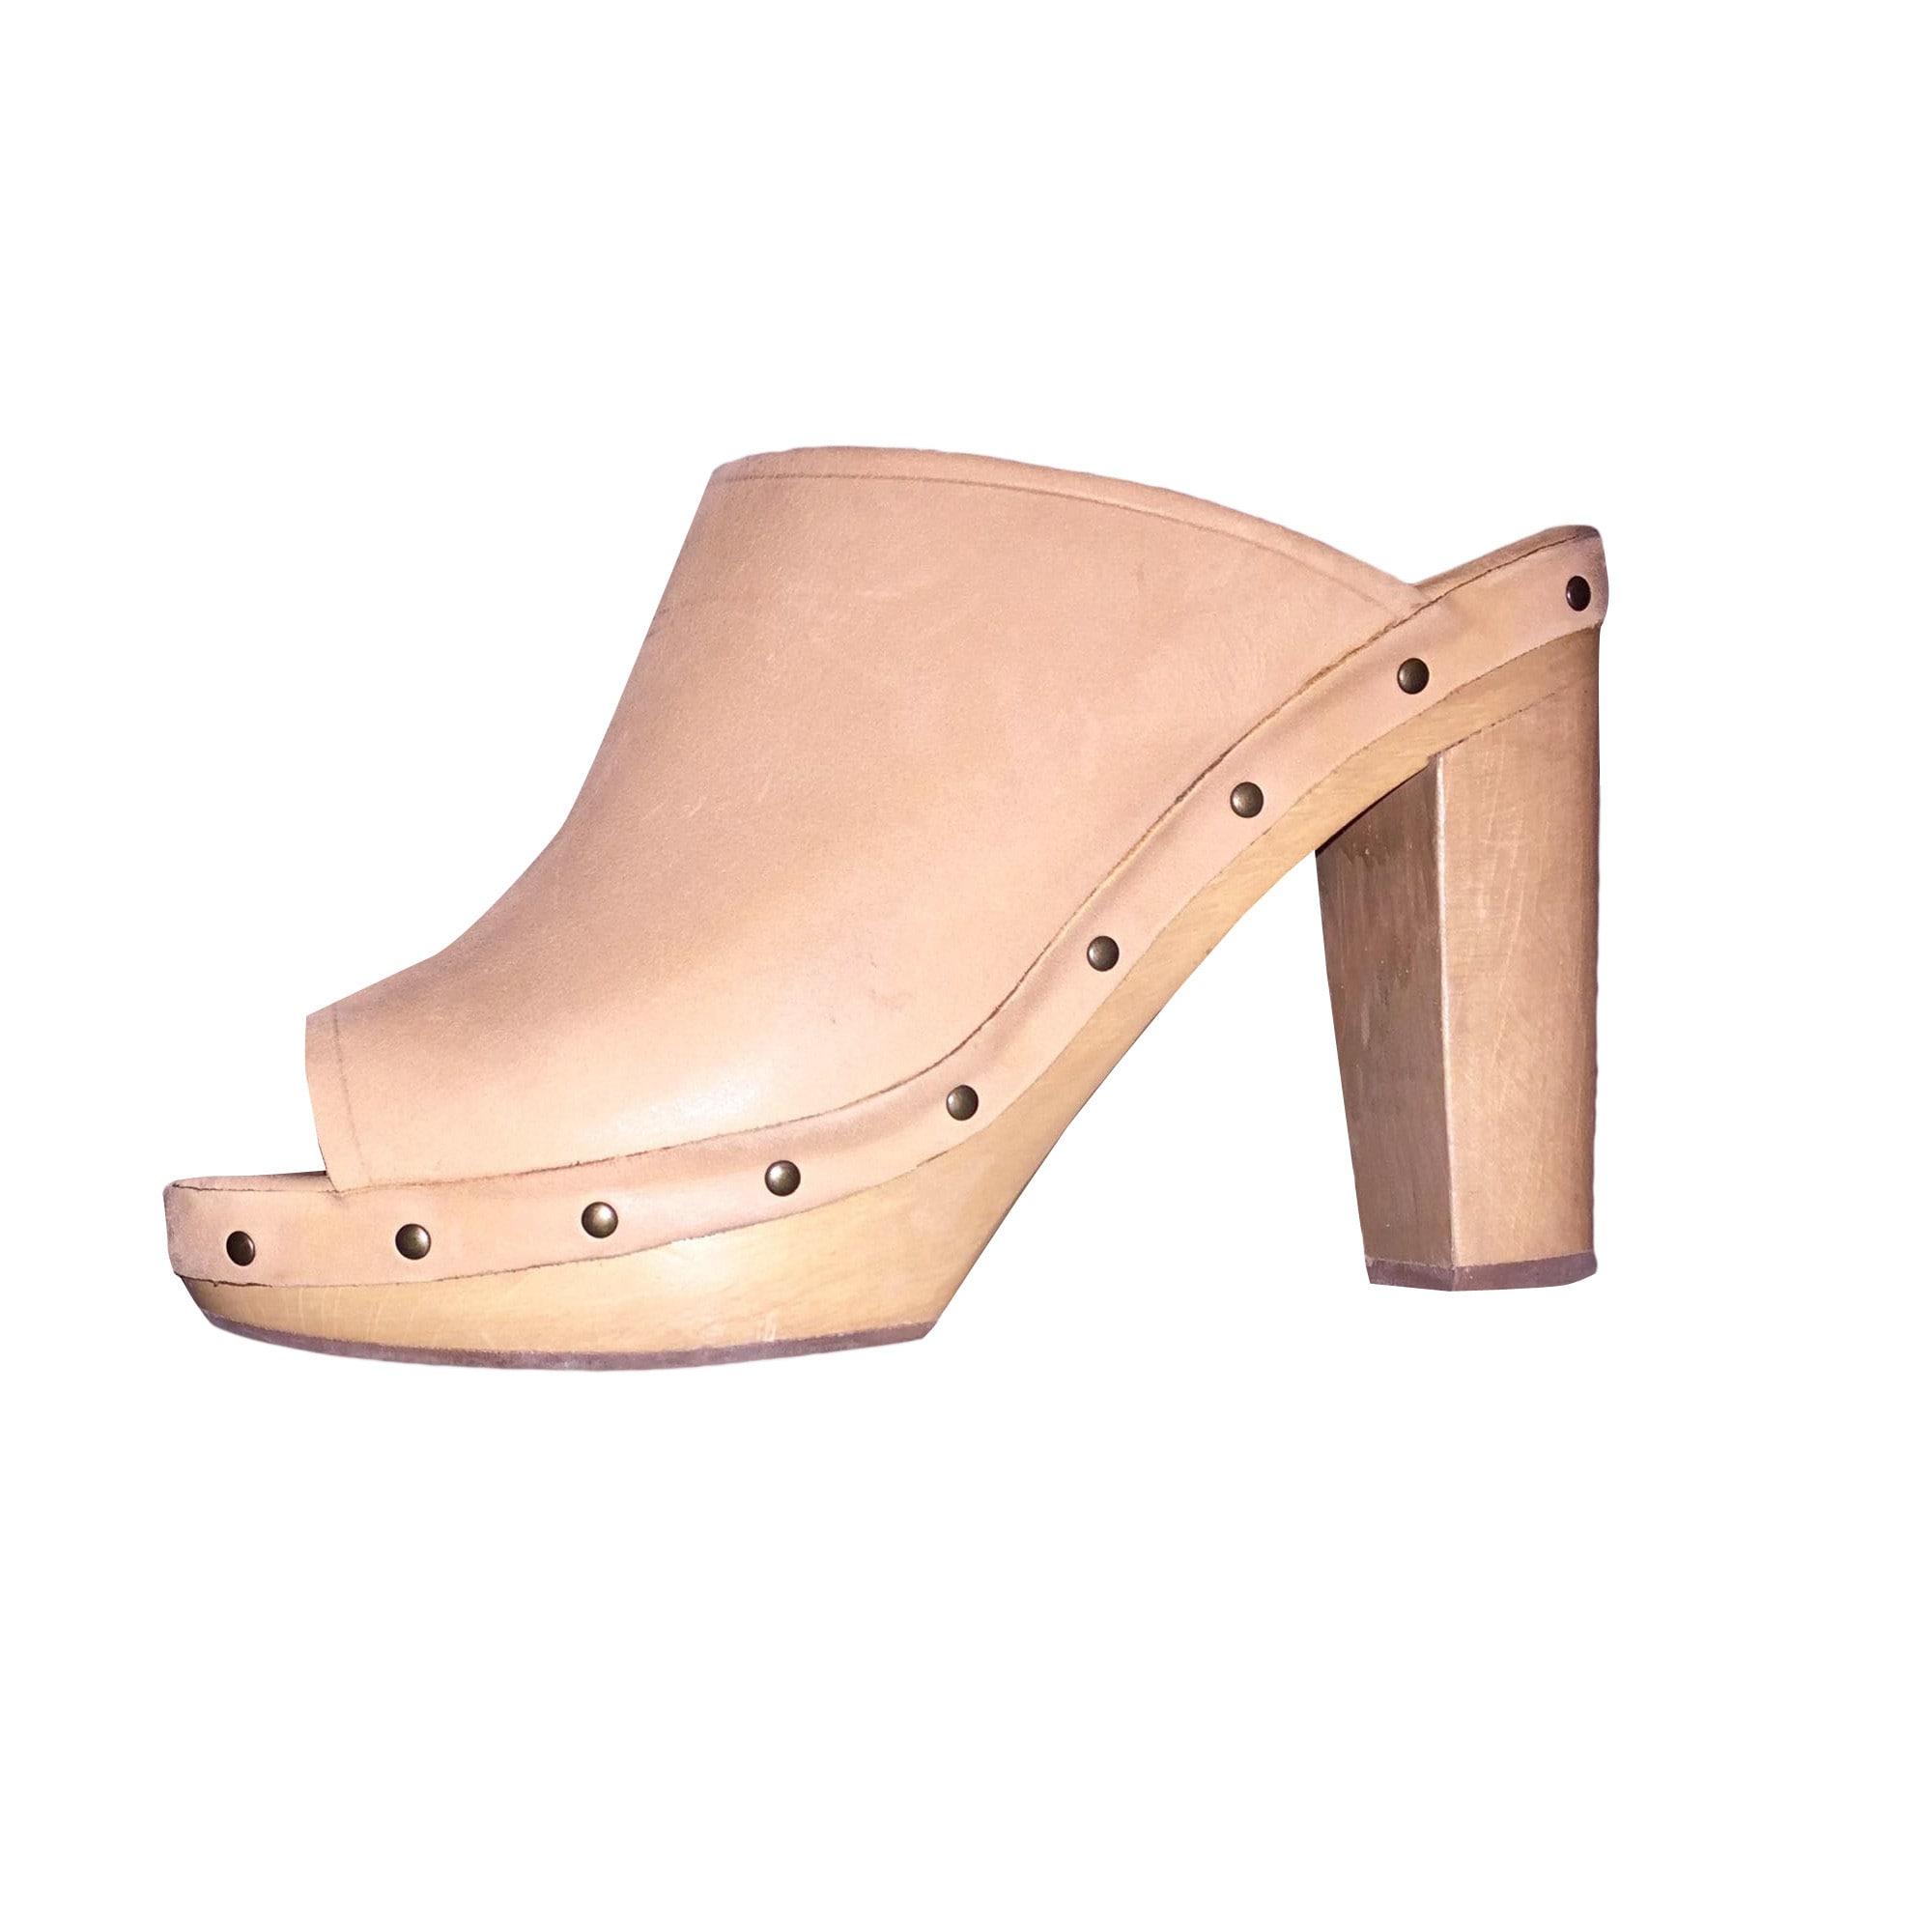 Sandales à talons GERARD DAREL Beige, camel